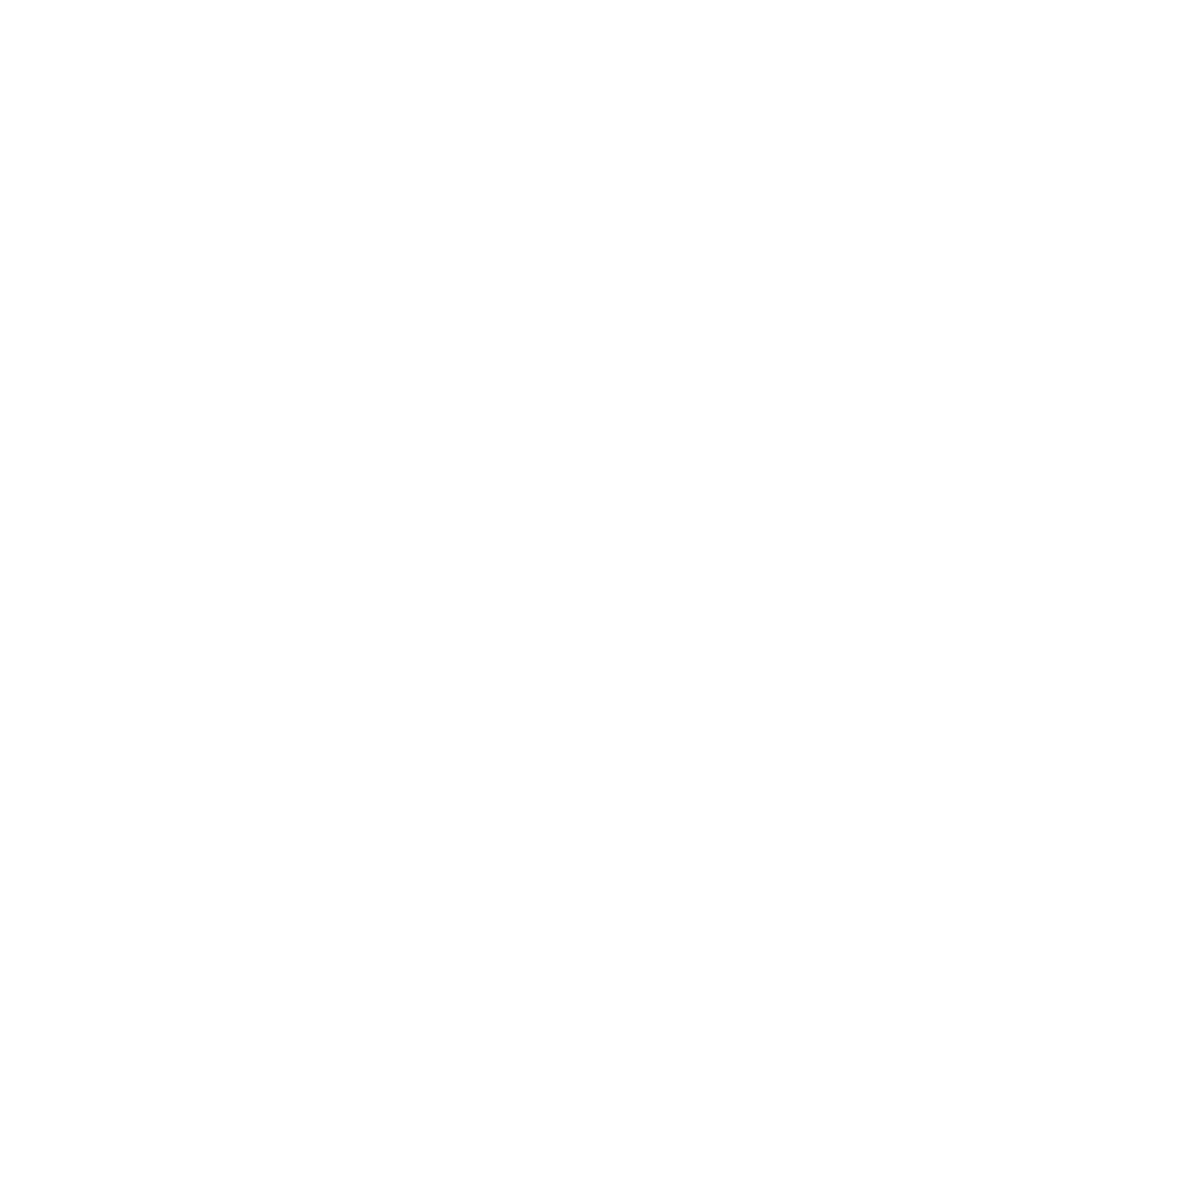 MB Tree Surgery